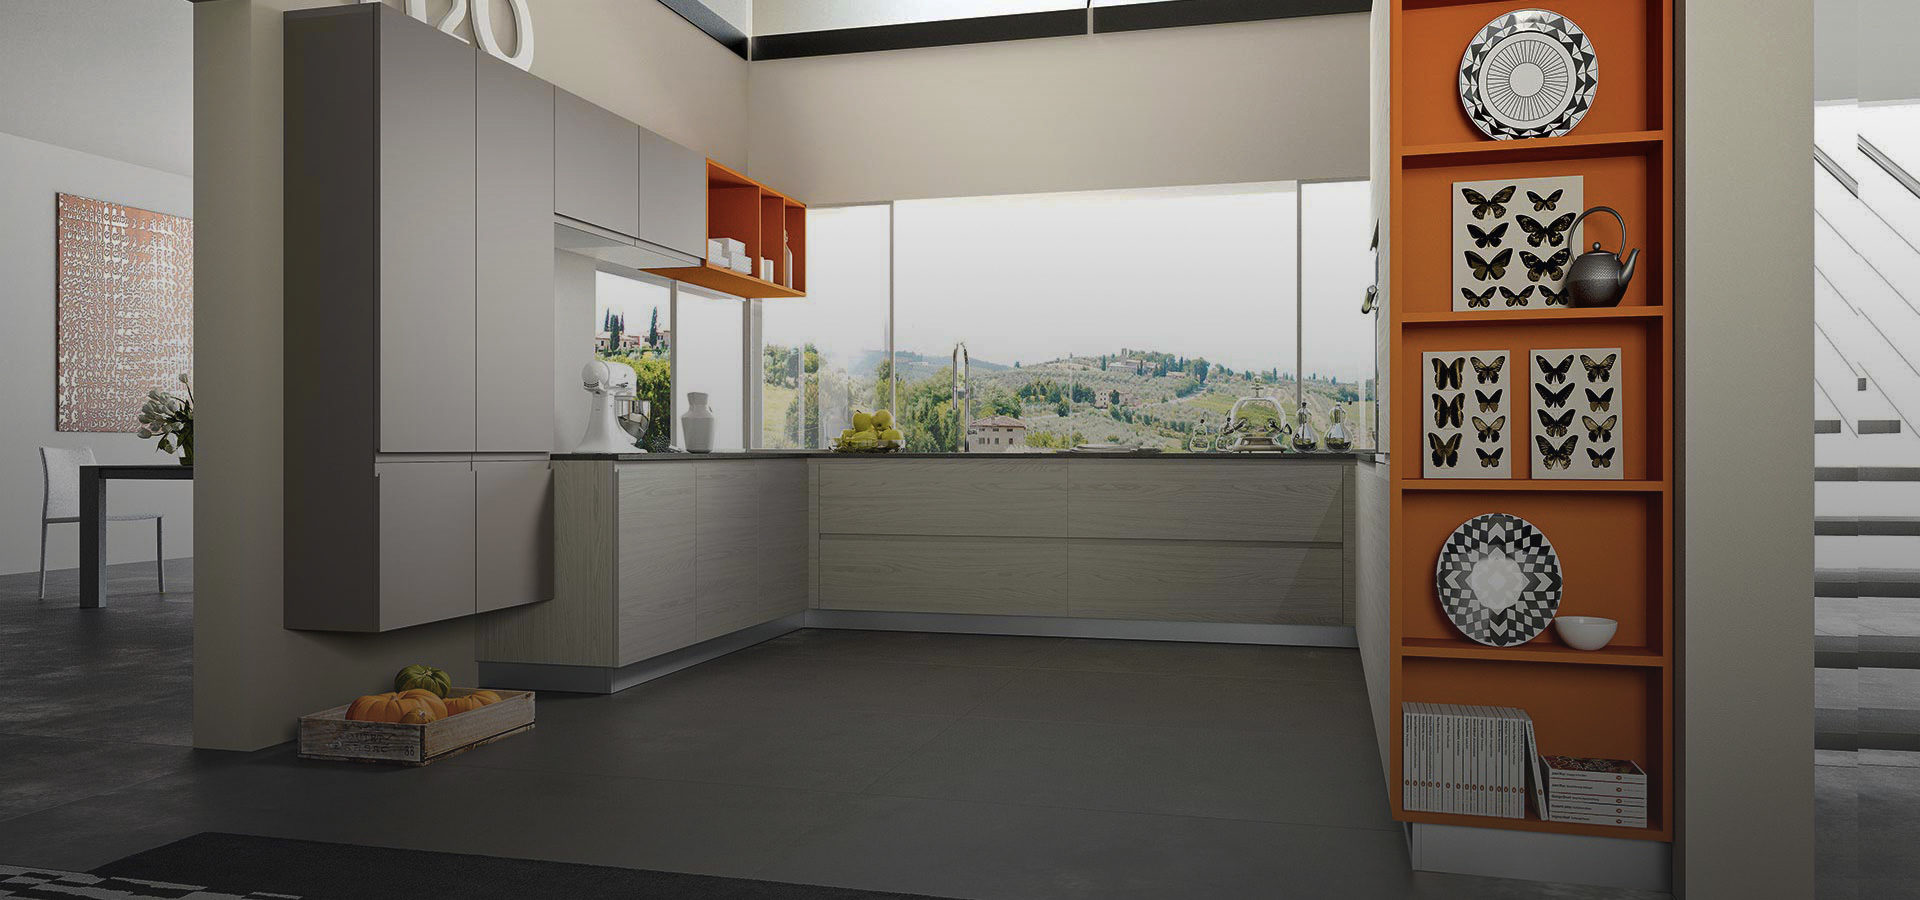 visma arredo outlet occasioni su cucine e mobili per la